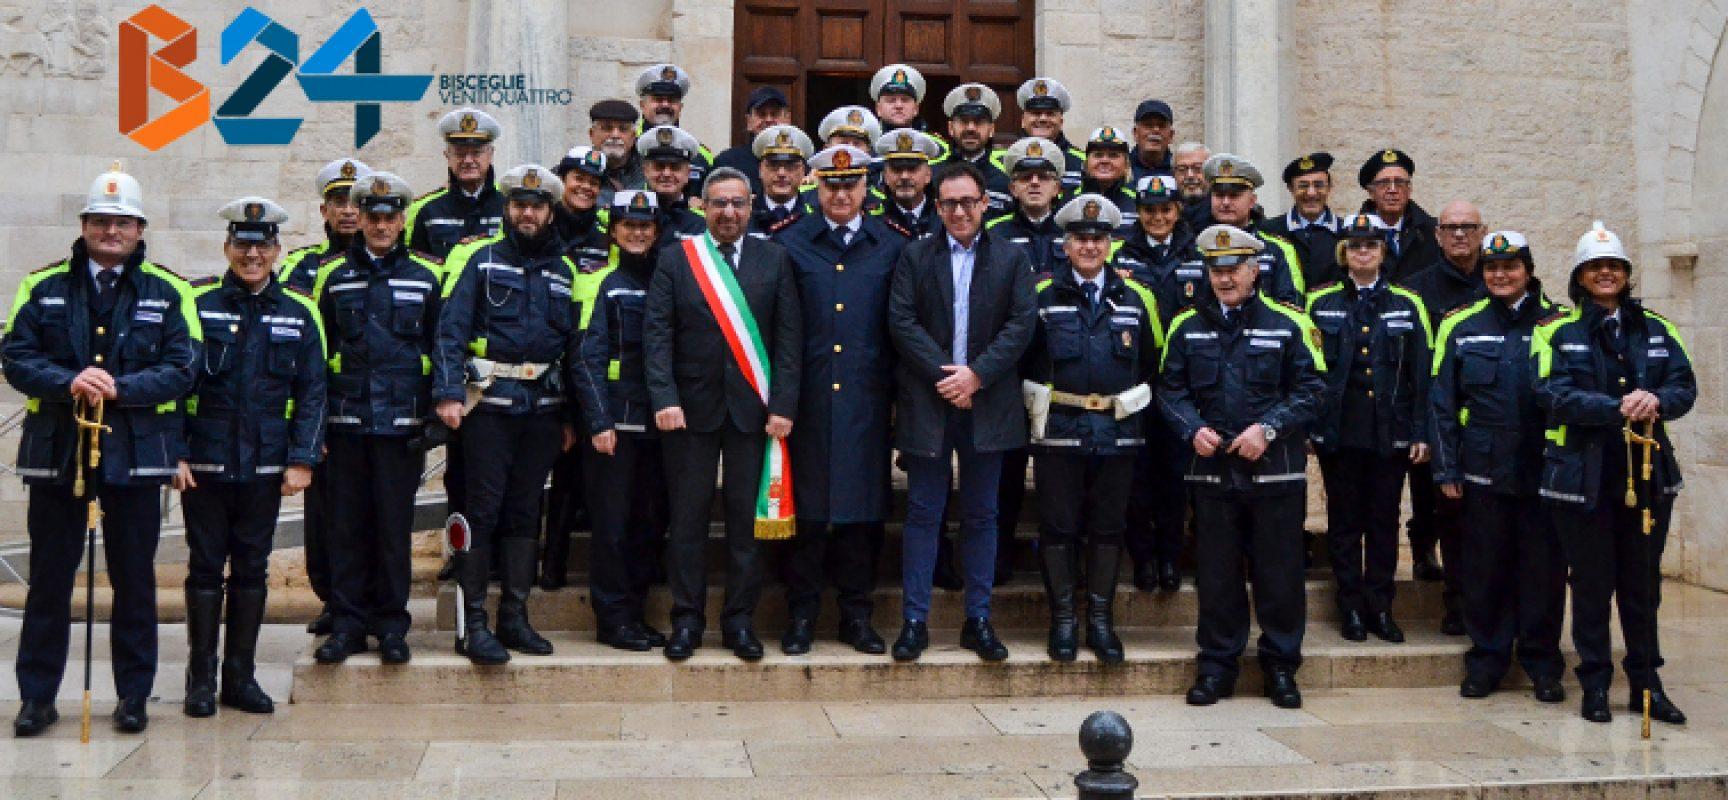 San Sebastiano, polizia locale in festa. L'anno scorso 24mila multe e 150 incidenti / FOTO